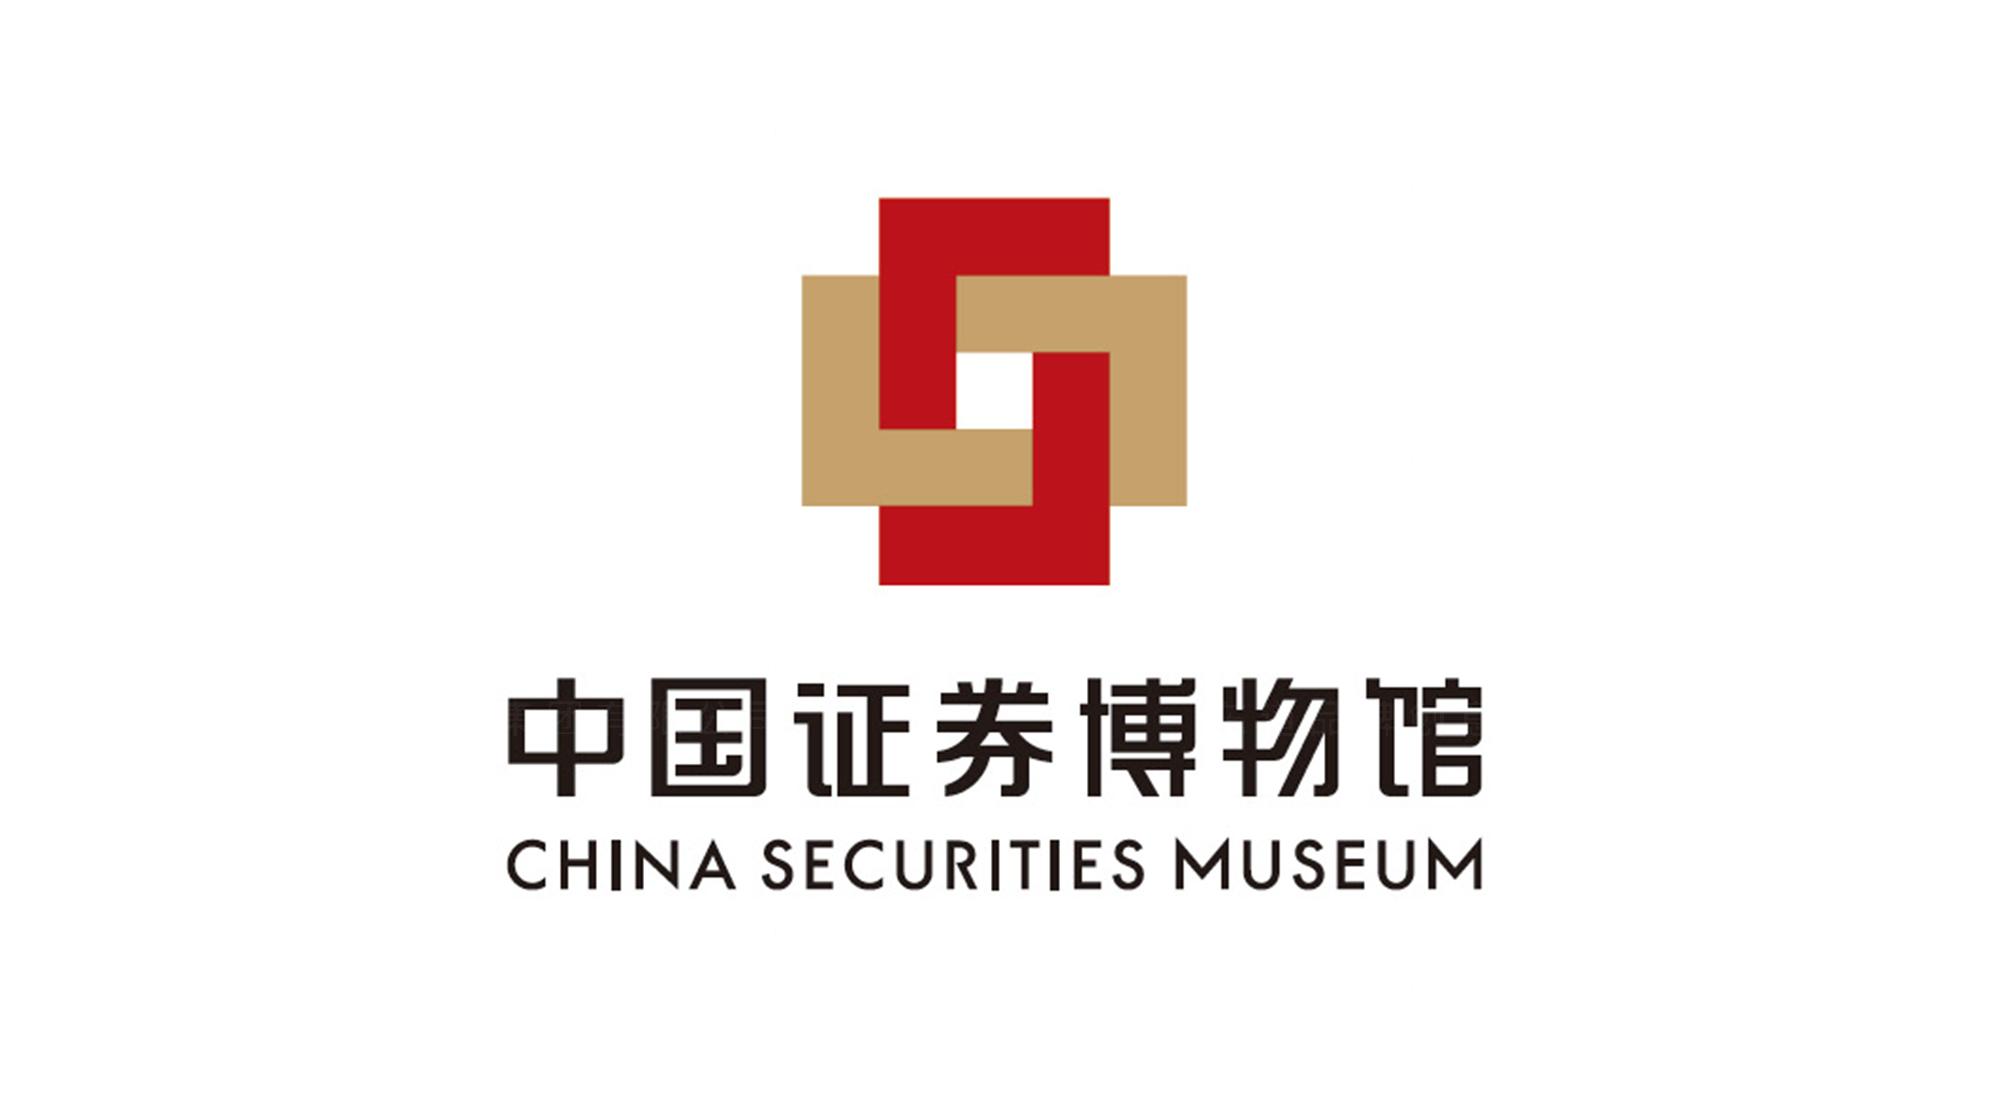 文体娱媒品牌设计中国证券博物馆LOGO&VI设计